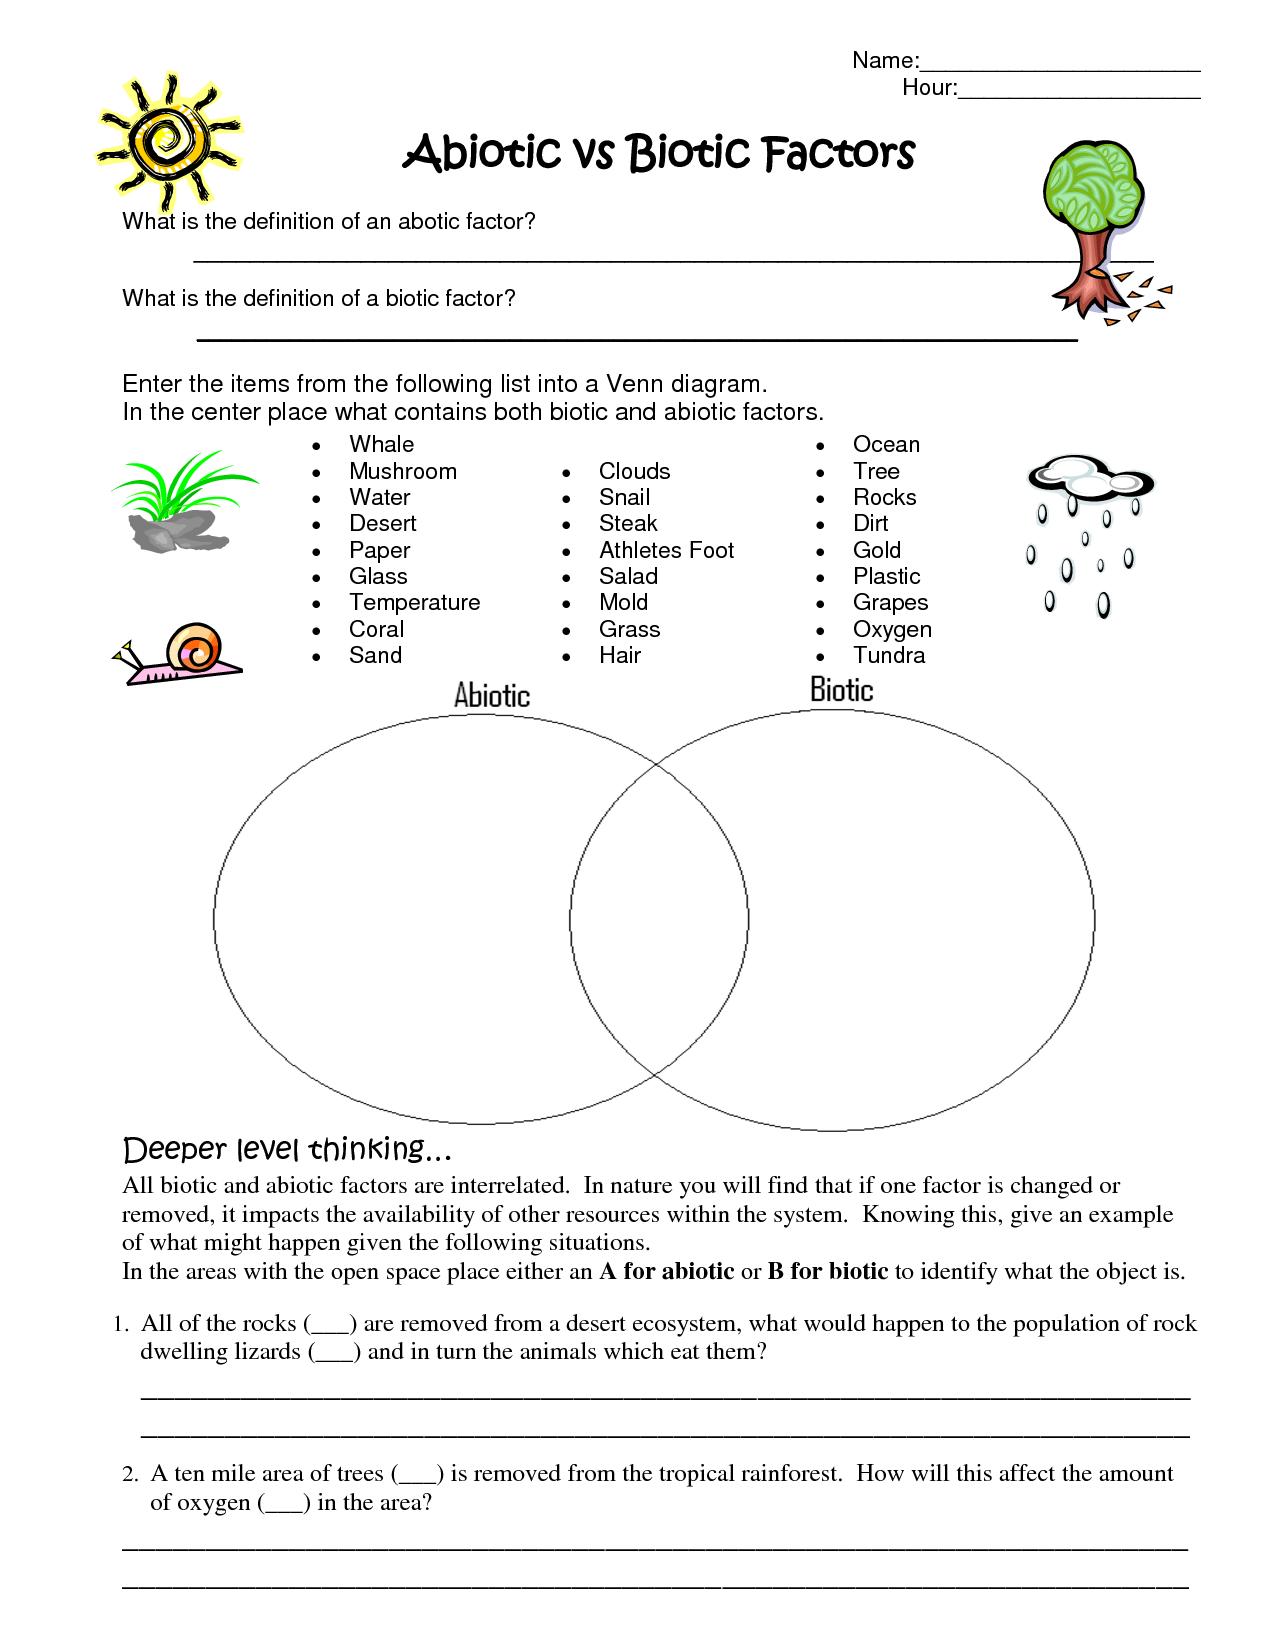 medium resolution of Understanding Why Something Is Classified As Biotic Or Abiotic   Science  worksheets